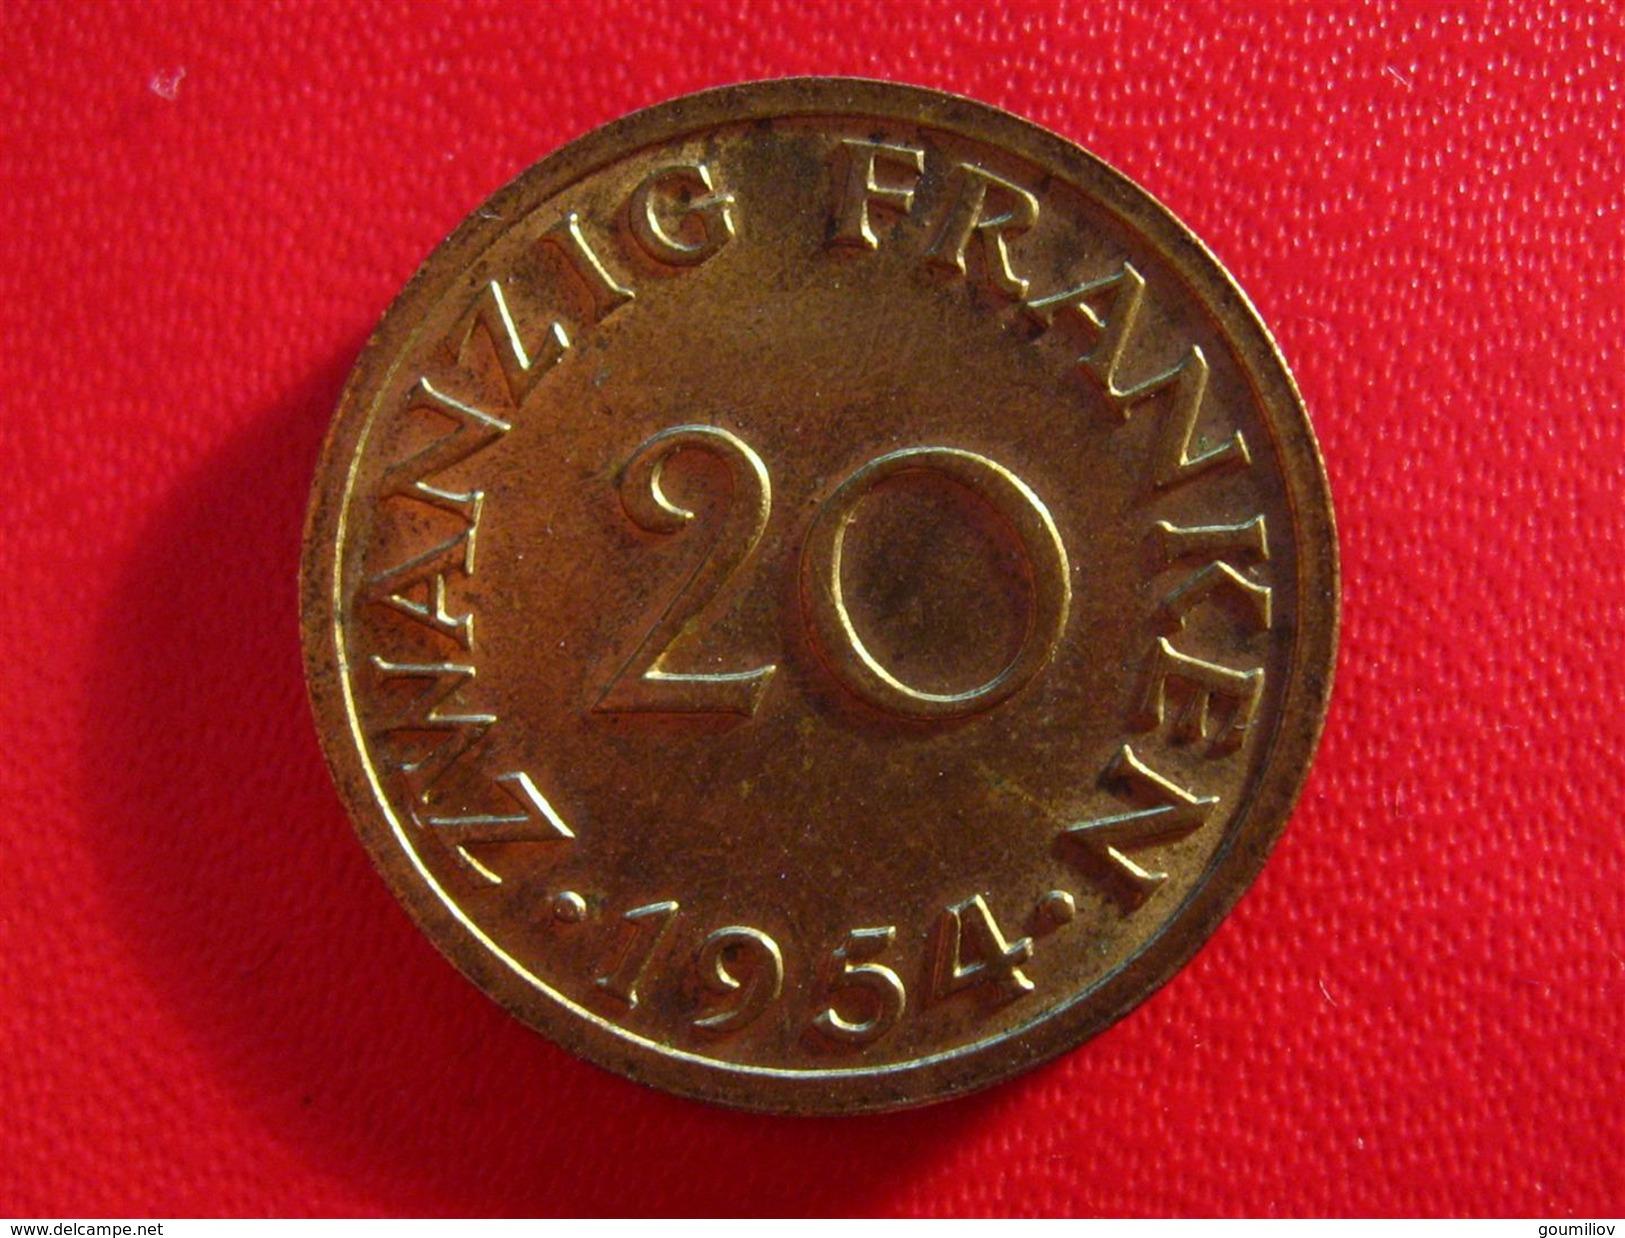 Saarland - 20 Francs Franken 1954 5592 - Saar